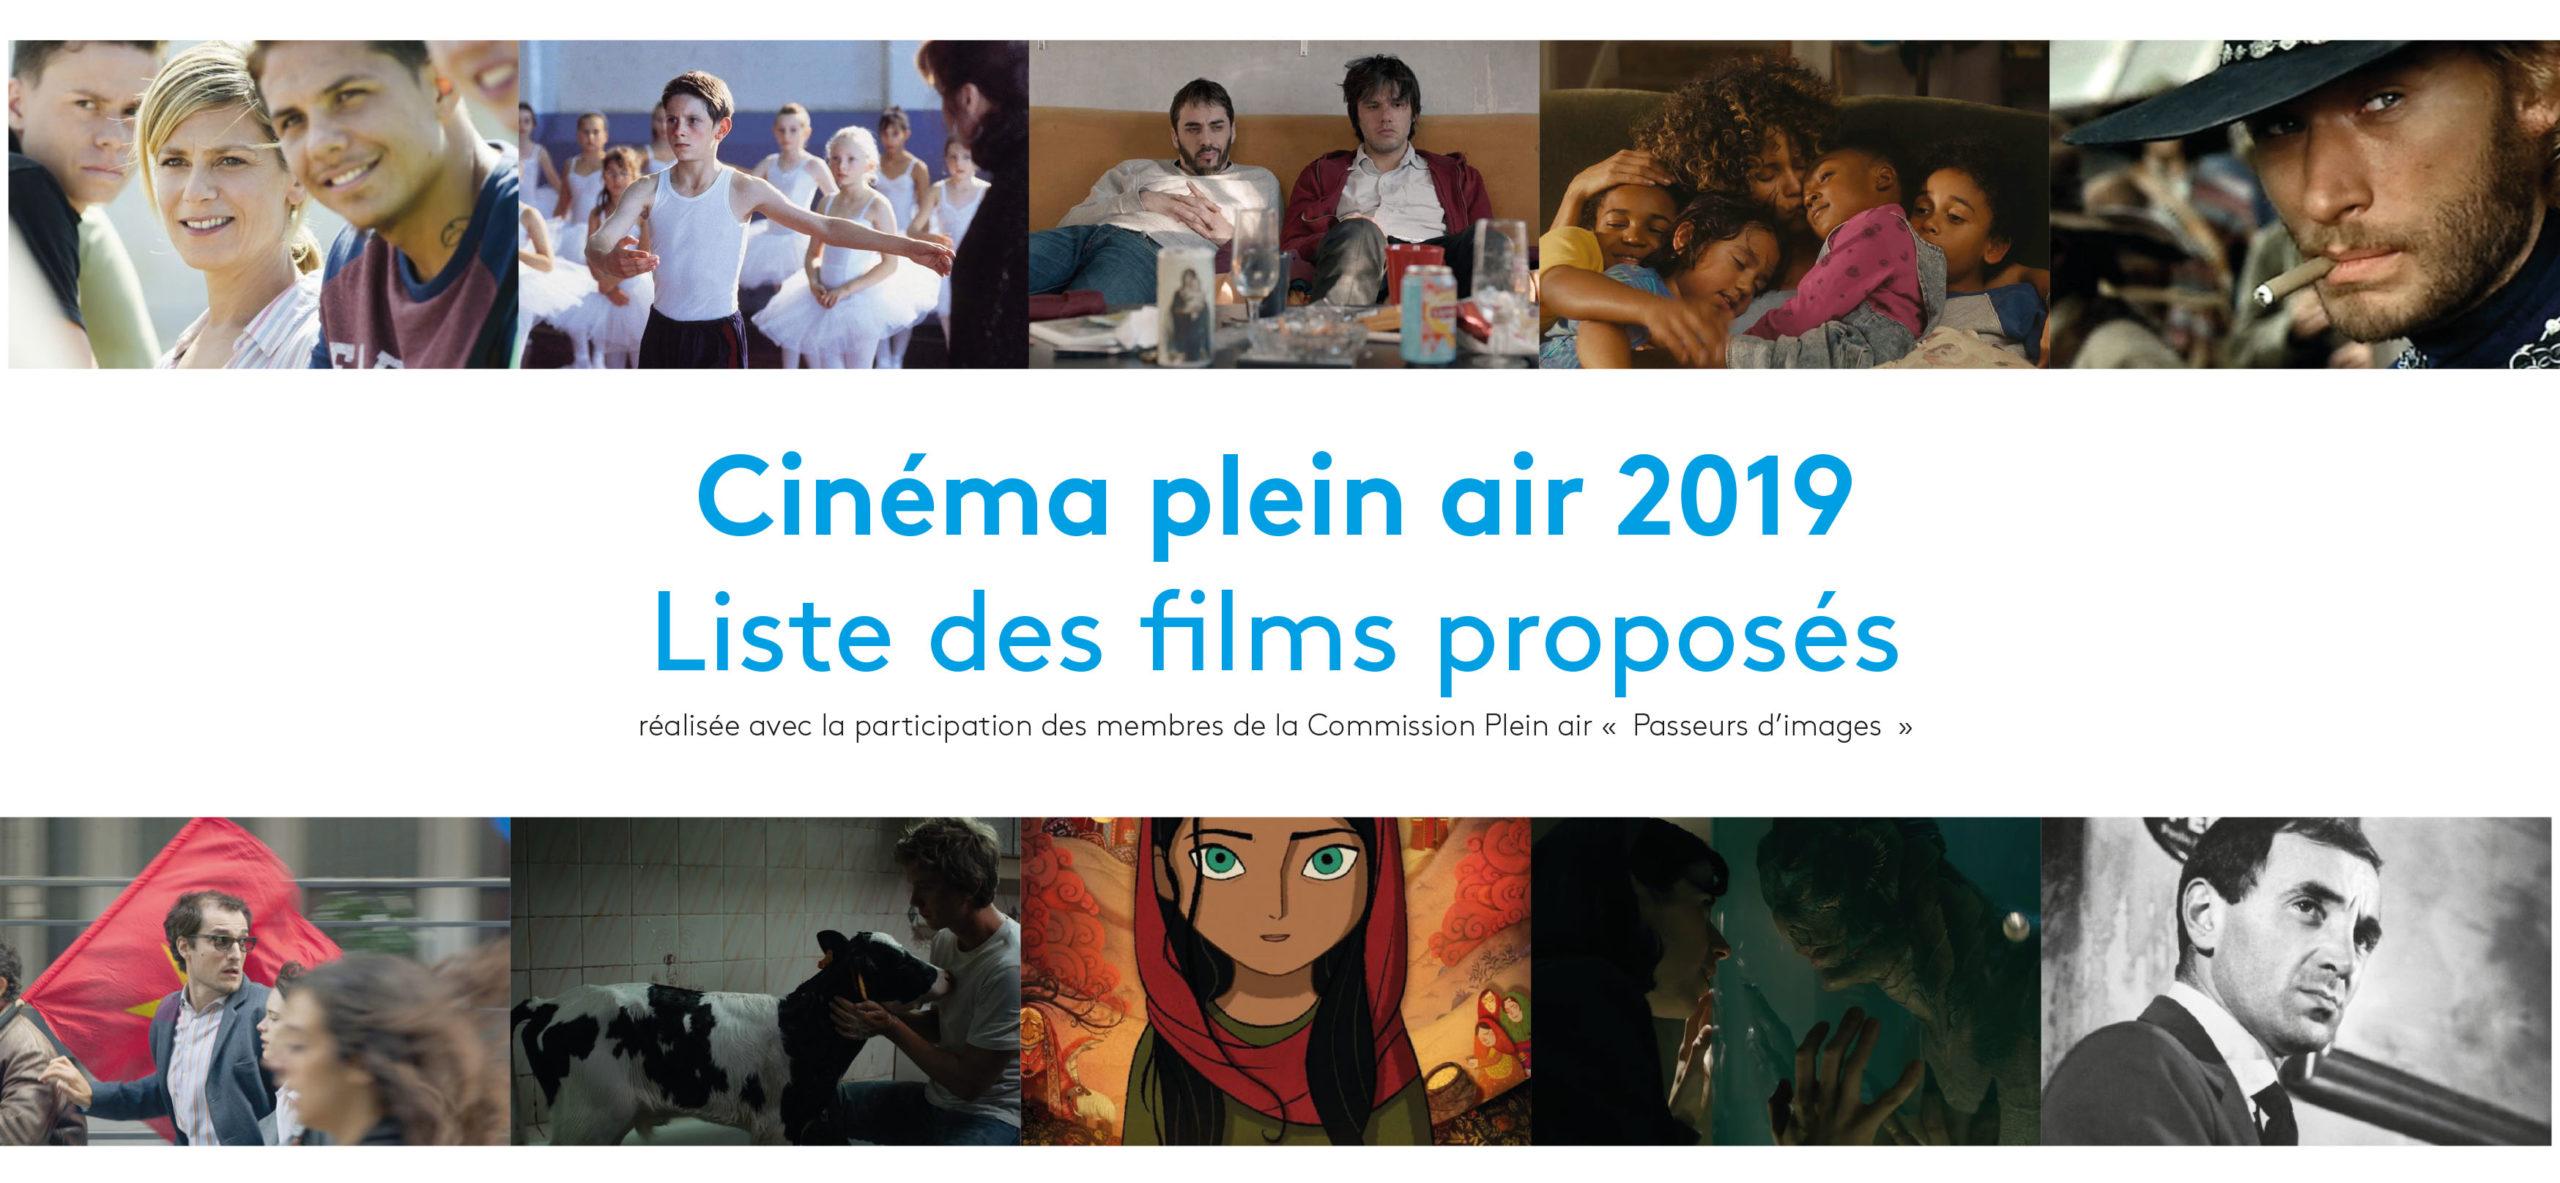 La liste des films pour le plein air Passeurs d'images 2019